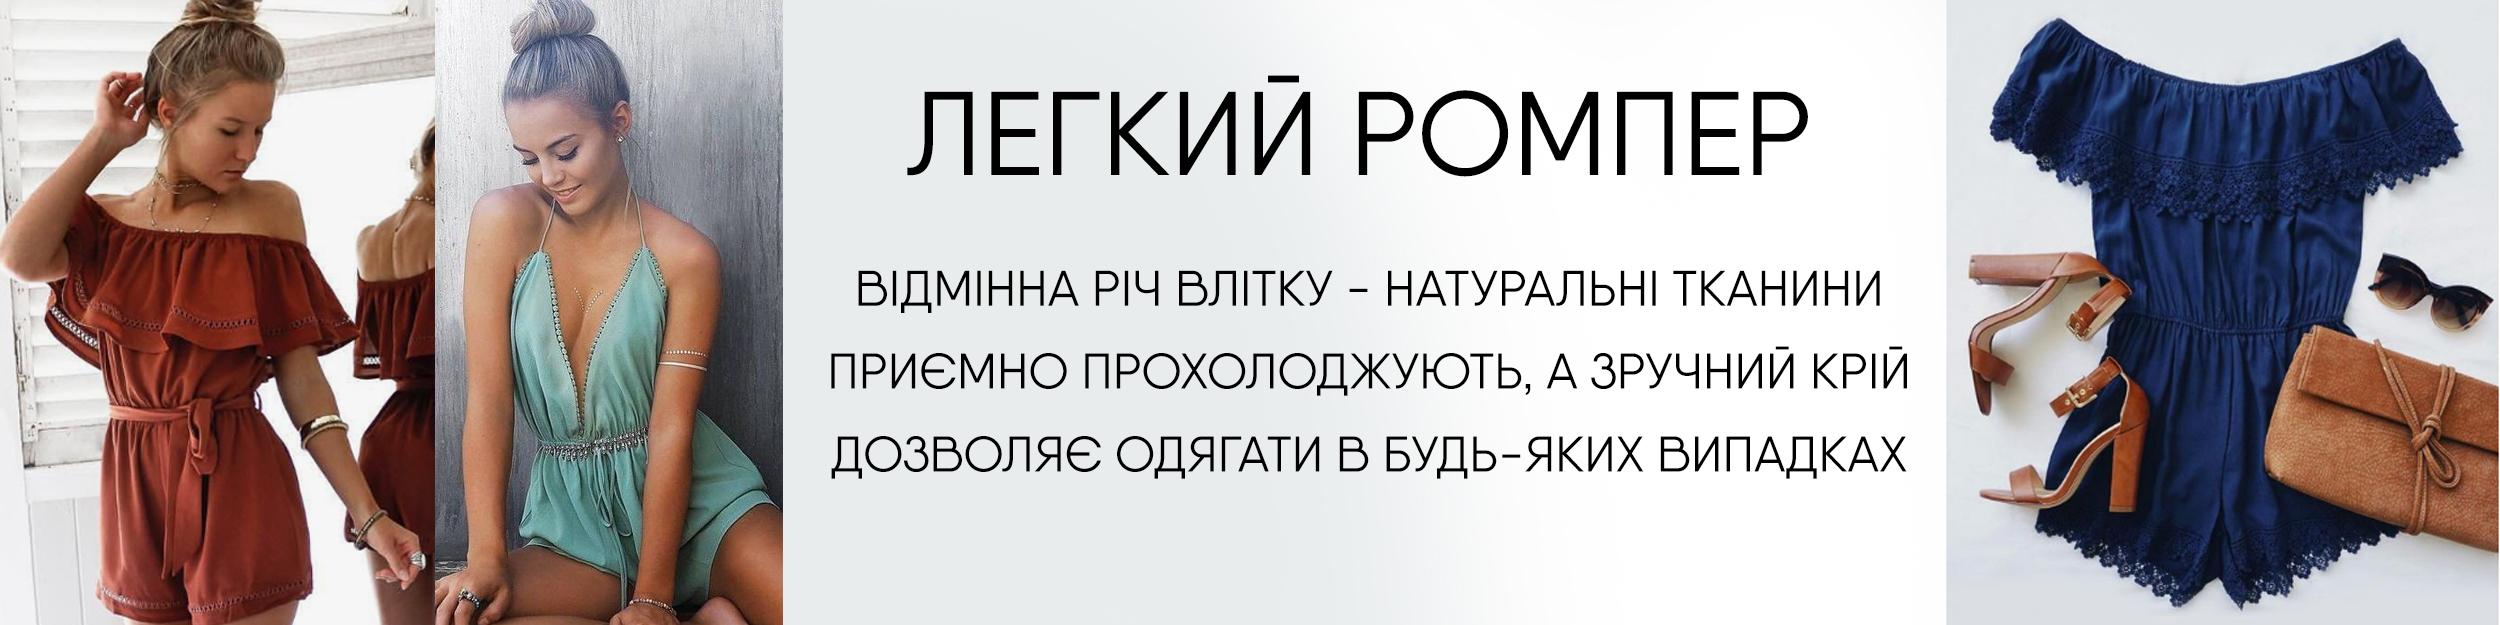 Домашні жіночі комбінезони купити в Україні ➩ c648993f64e7c